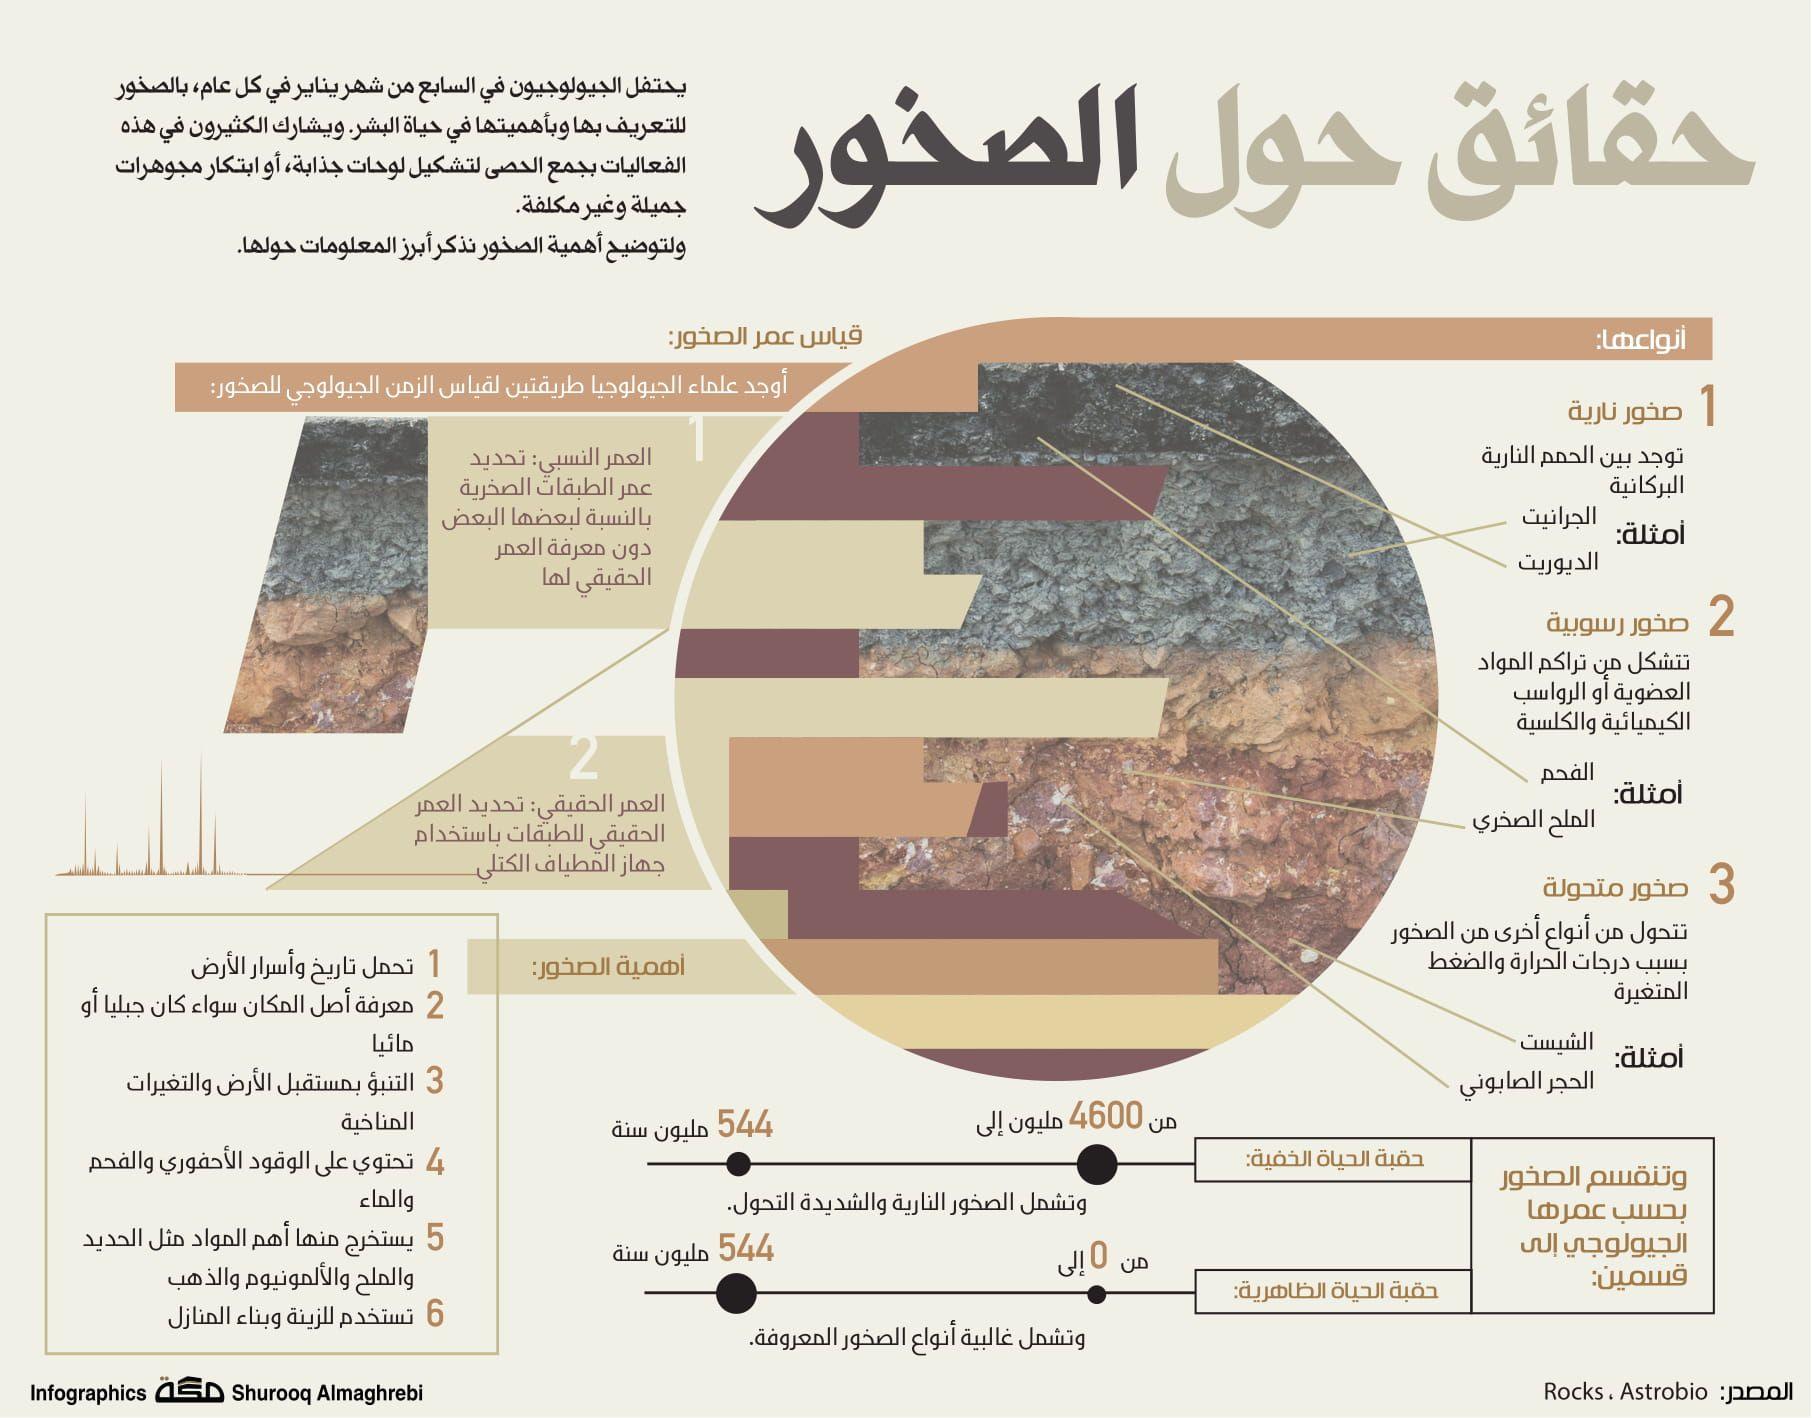 حقائق حول الصخور صحيفة مكة انفوجرافيك معلومات Infographic Pie Chart Chart